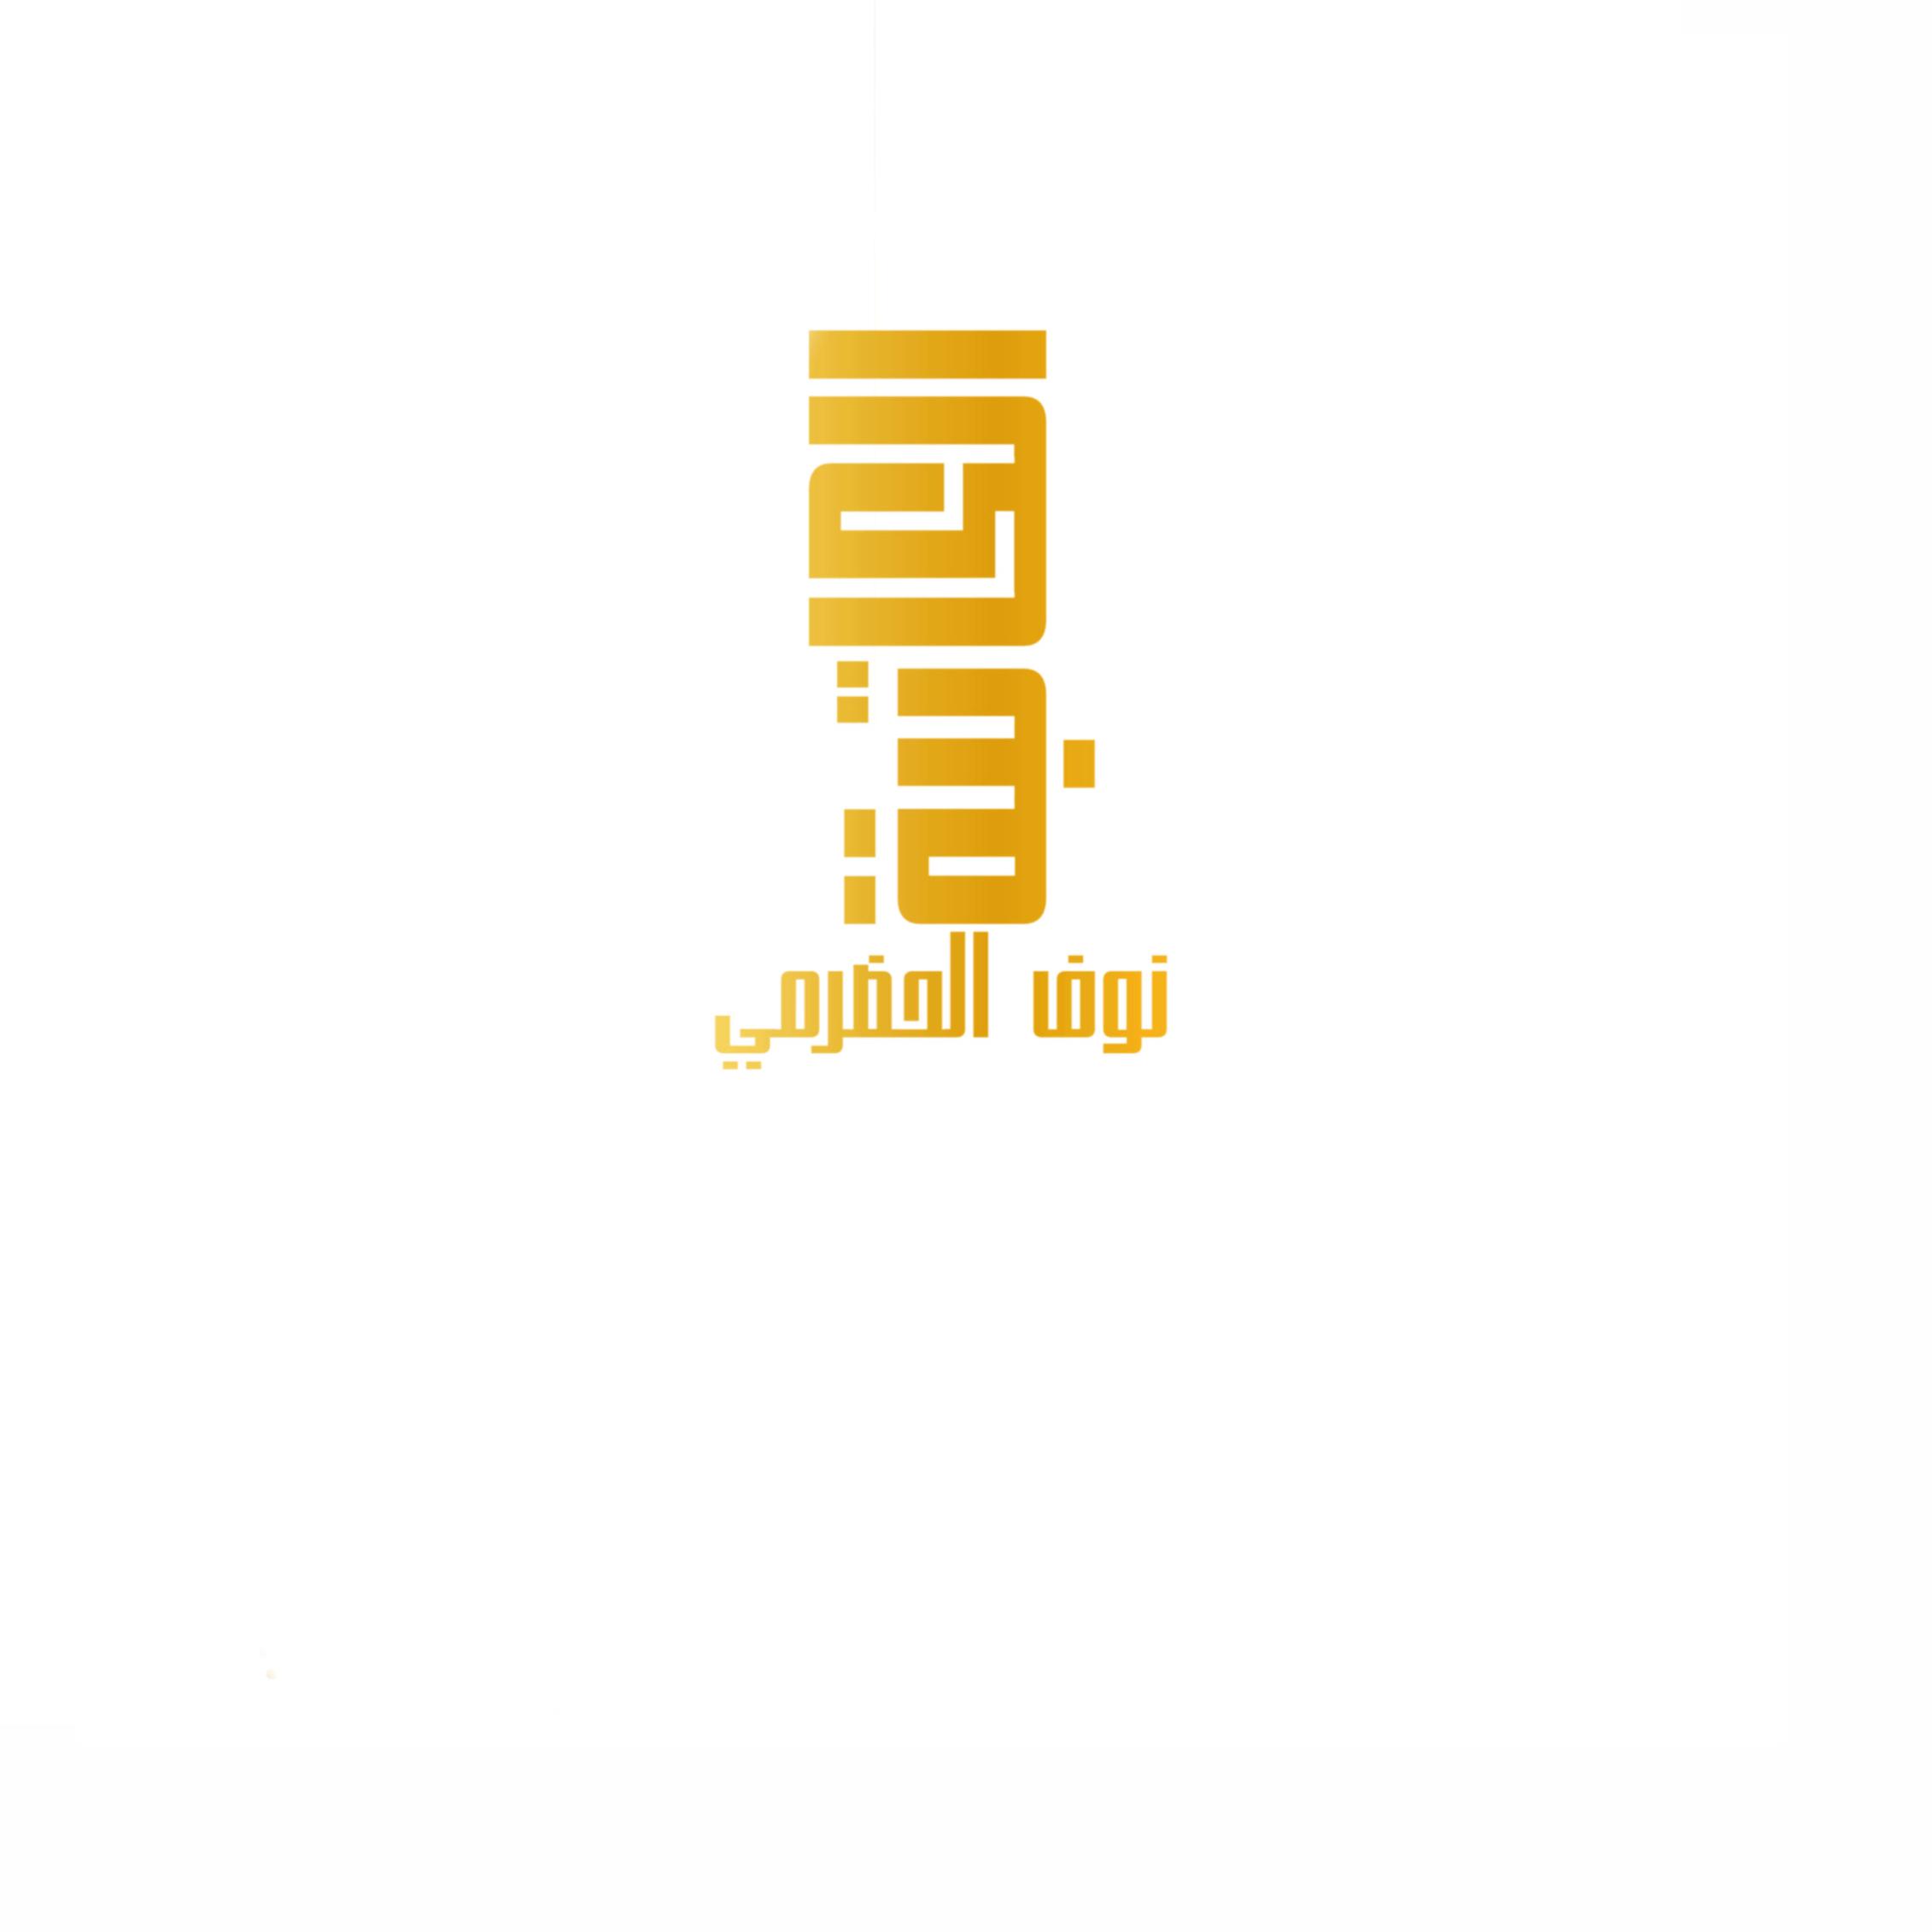 الكاتبة نوف سليمان الحضرمي